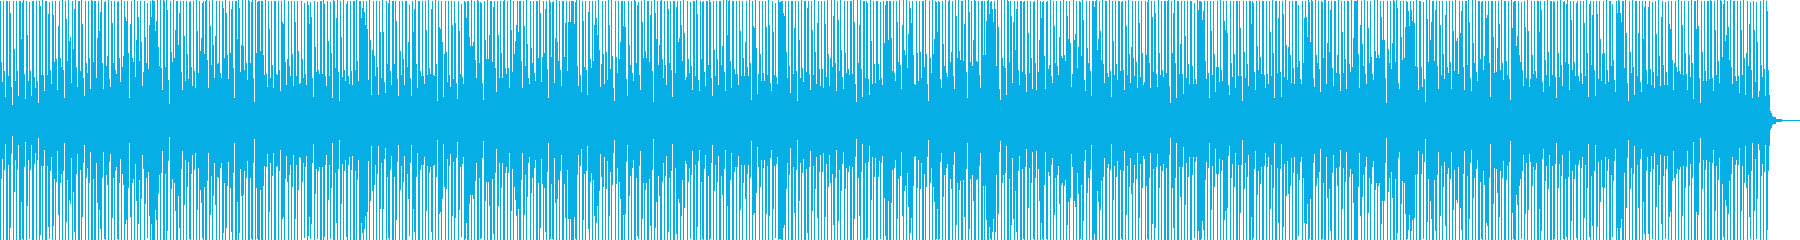 とってもかわいいオルゴールポップスの再生済みの波形